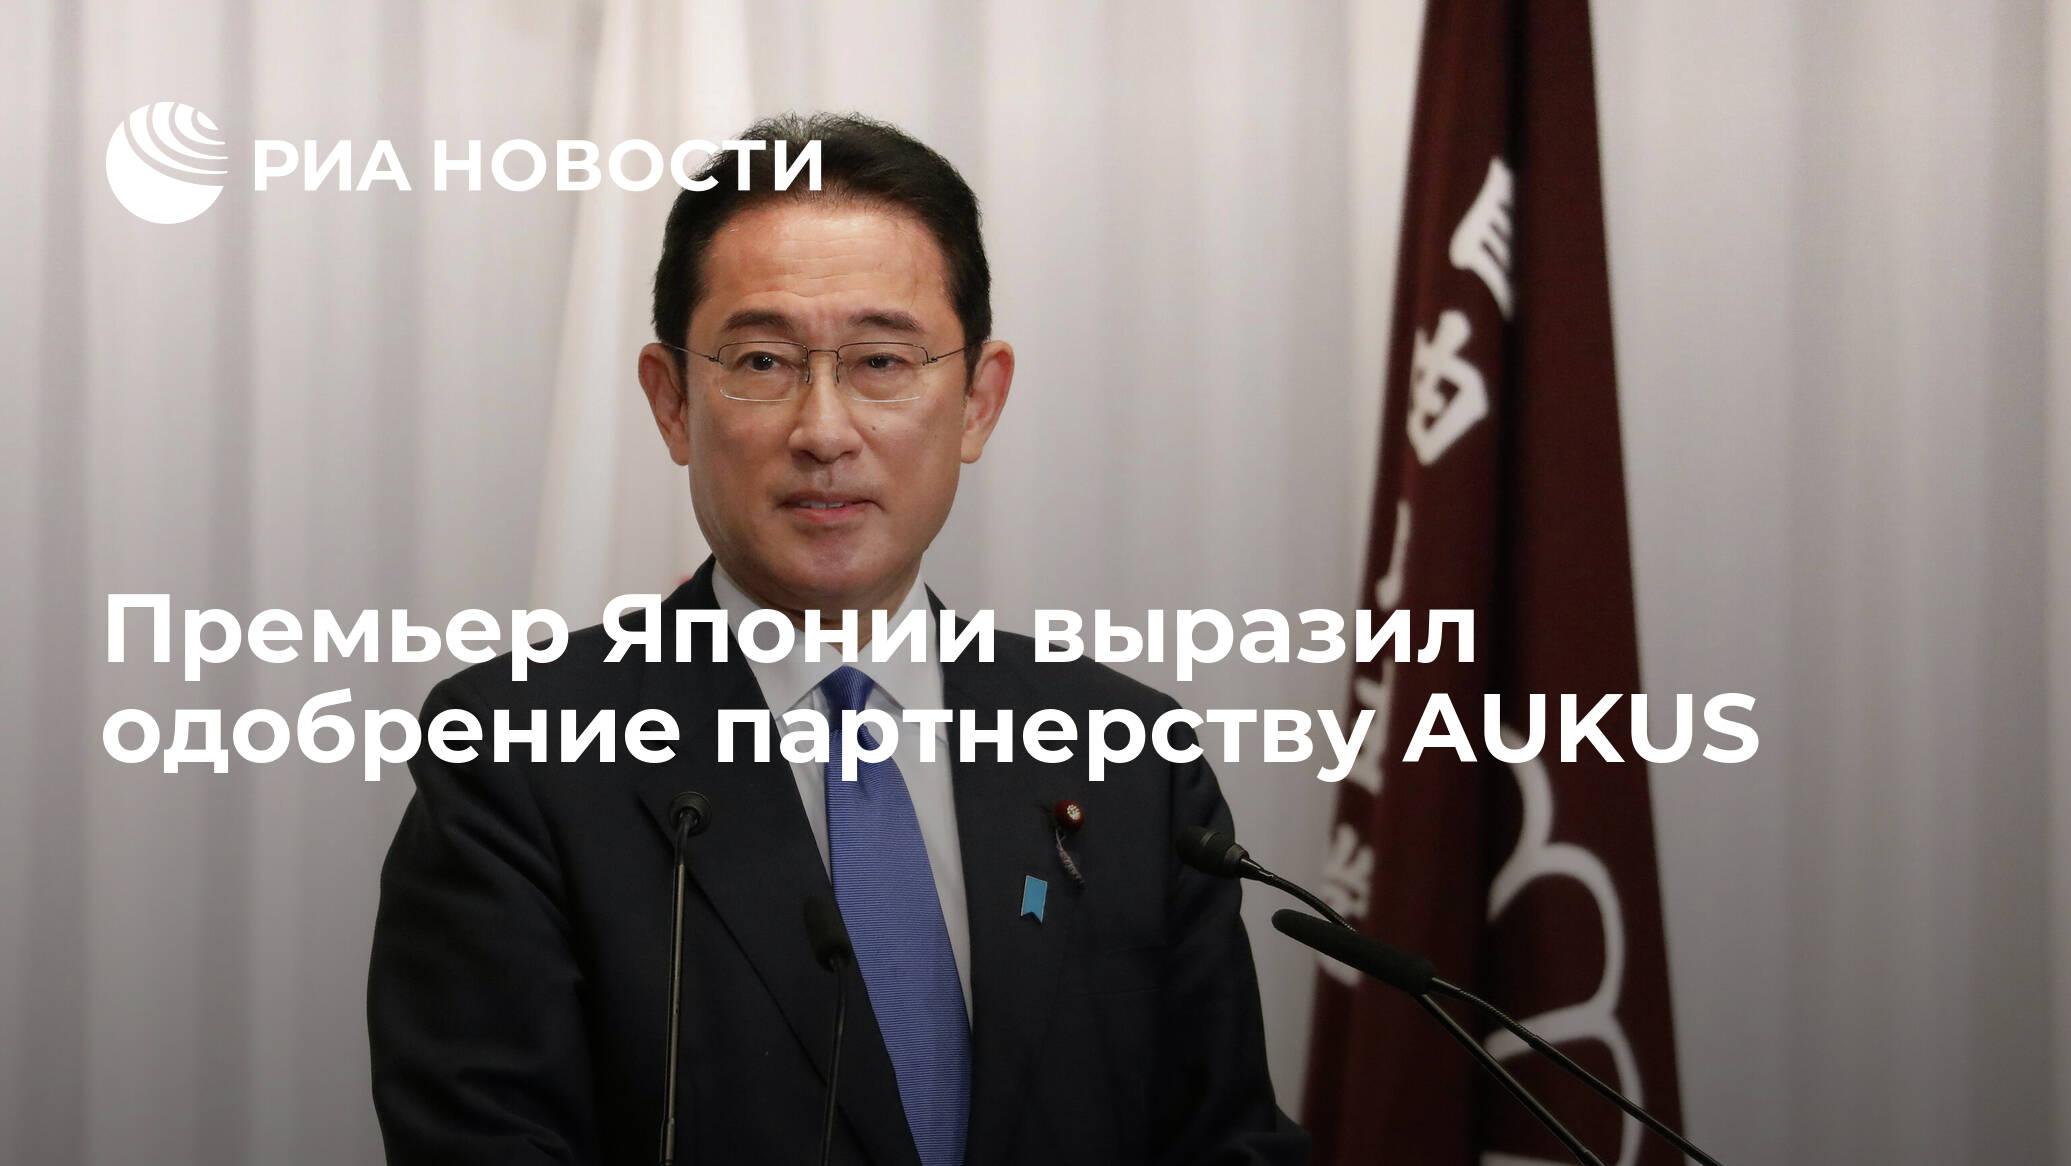 Премьер Японии выразил одобрение партнерству AUKUS